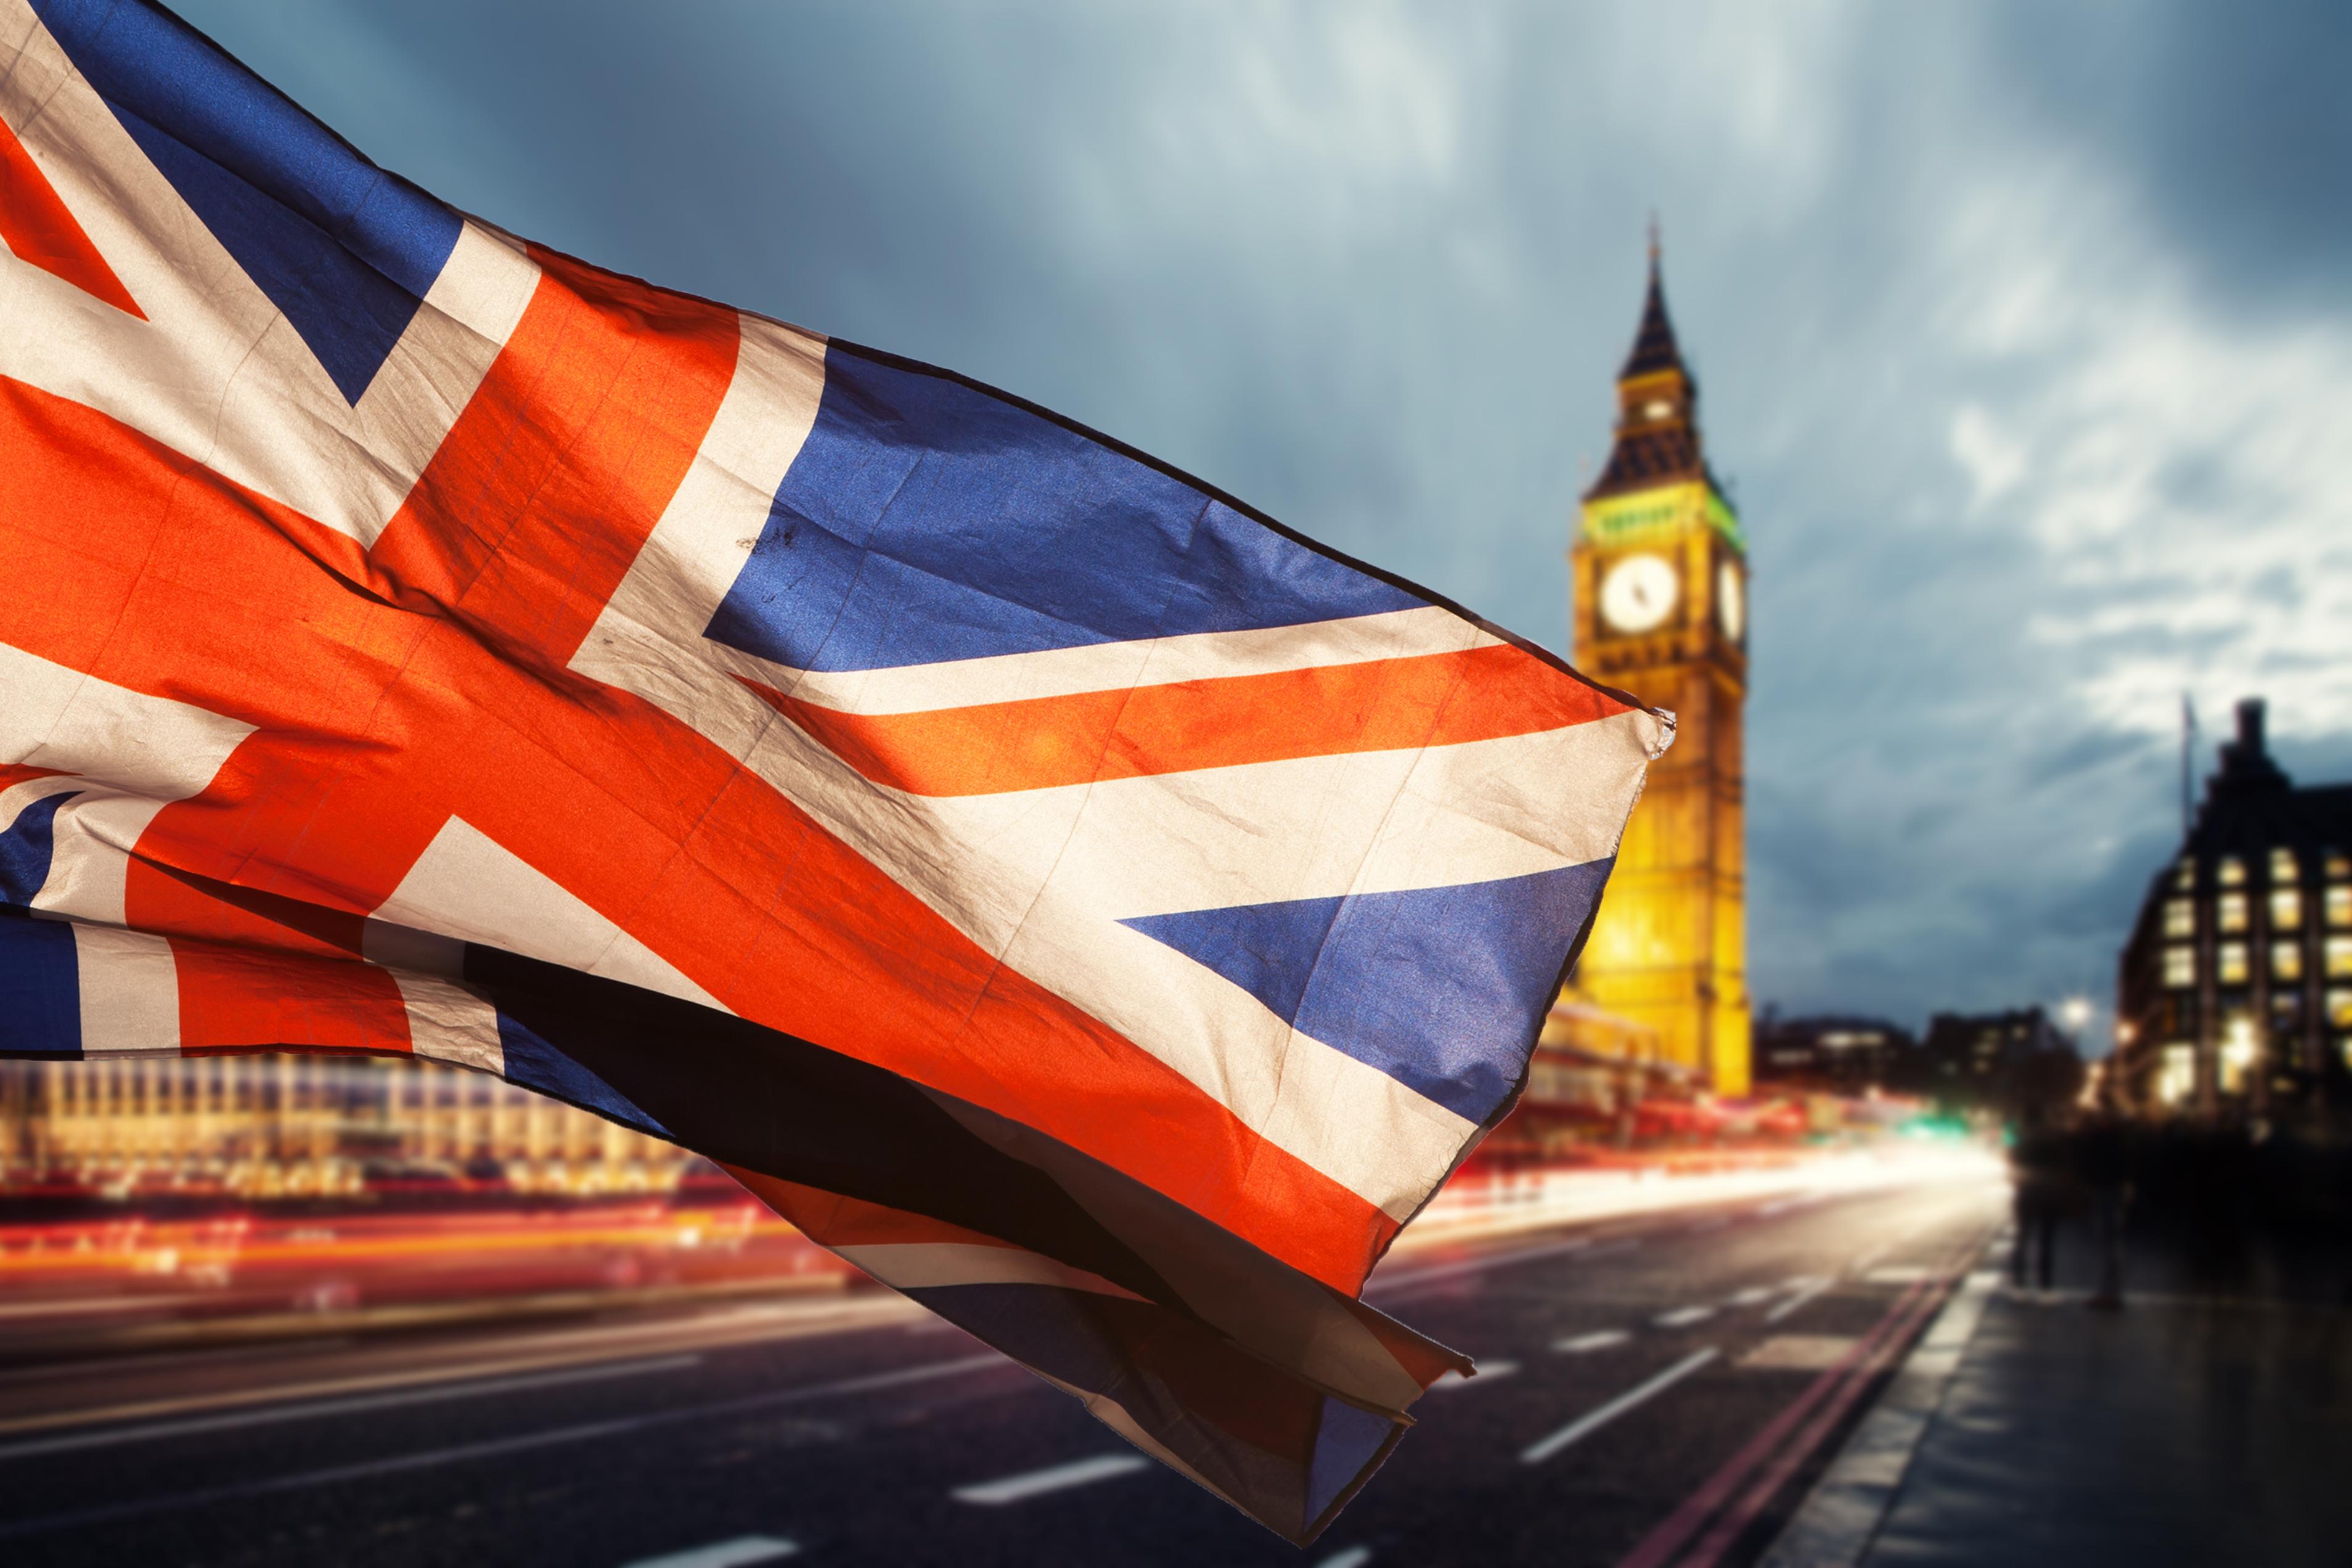 Marea Britanie va împrumuta o sumă record în acest an, din cauza pandemiei de coronavirus